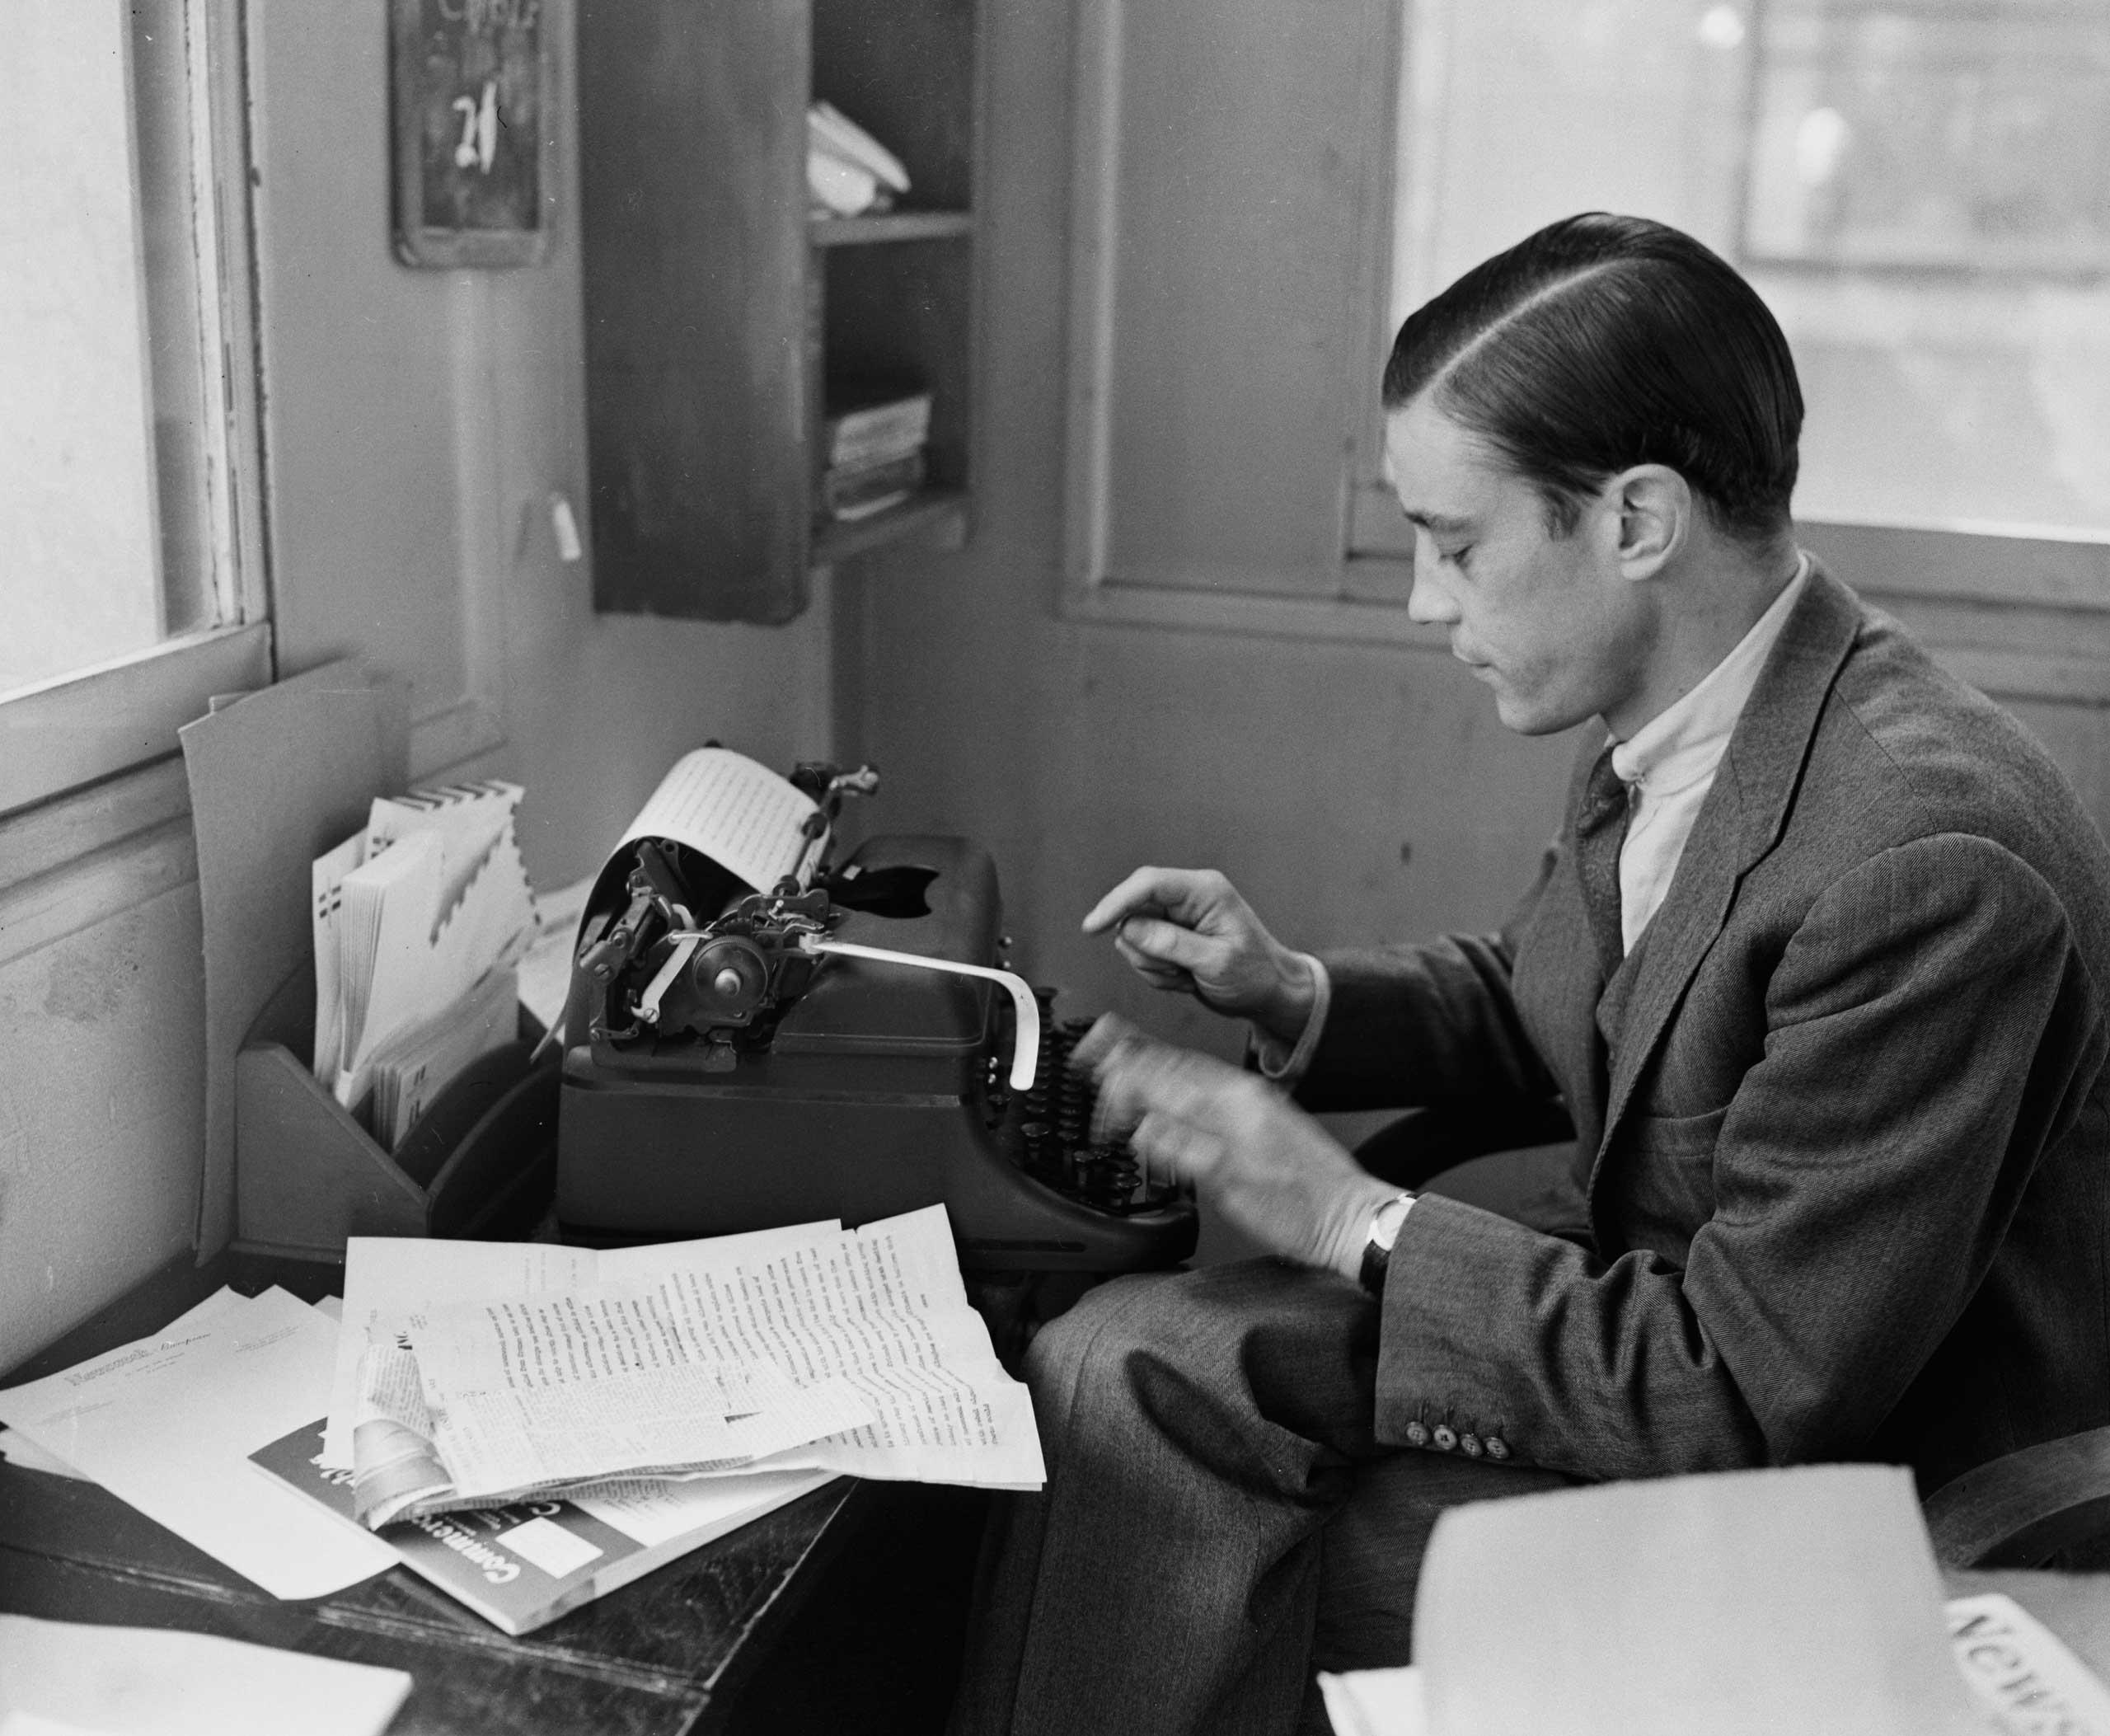 Benjamin Bradlee working at his typewriter on Aug. 3, 1956.